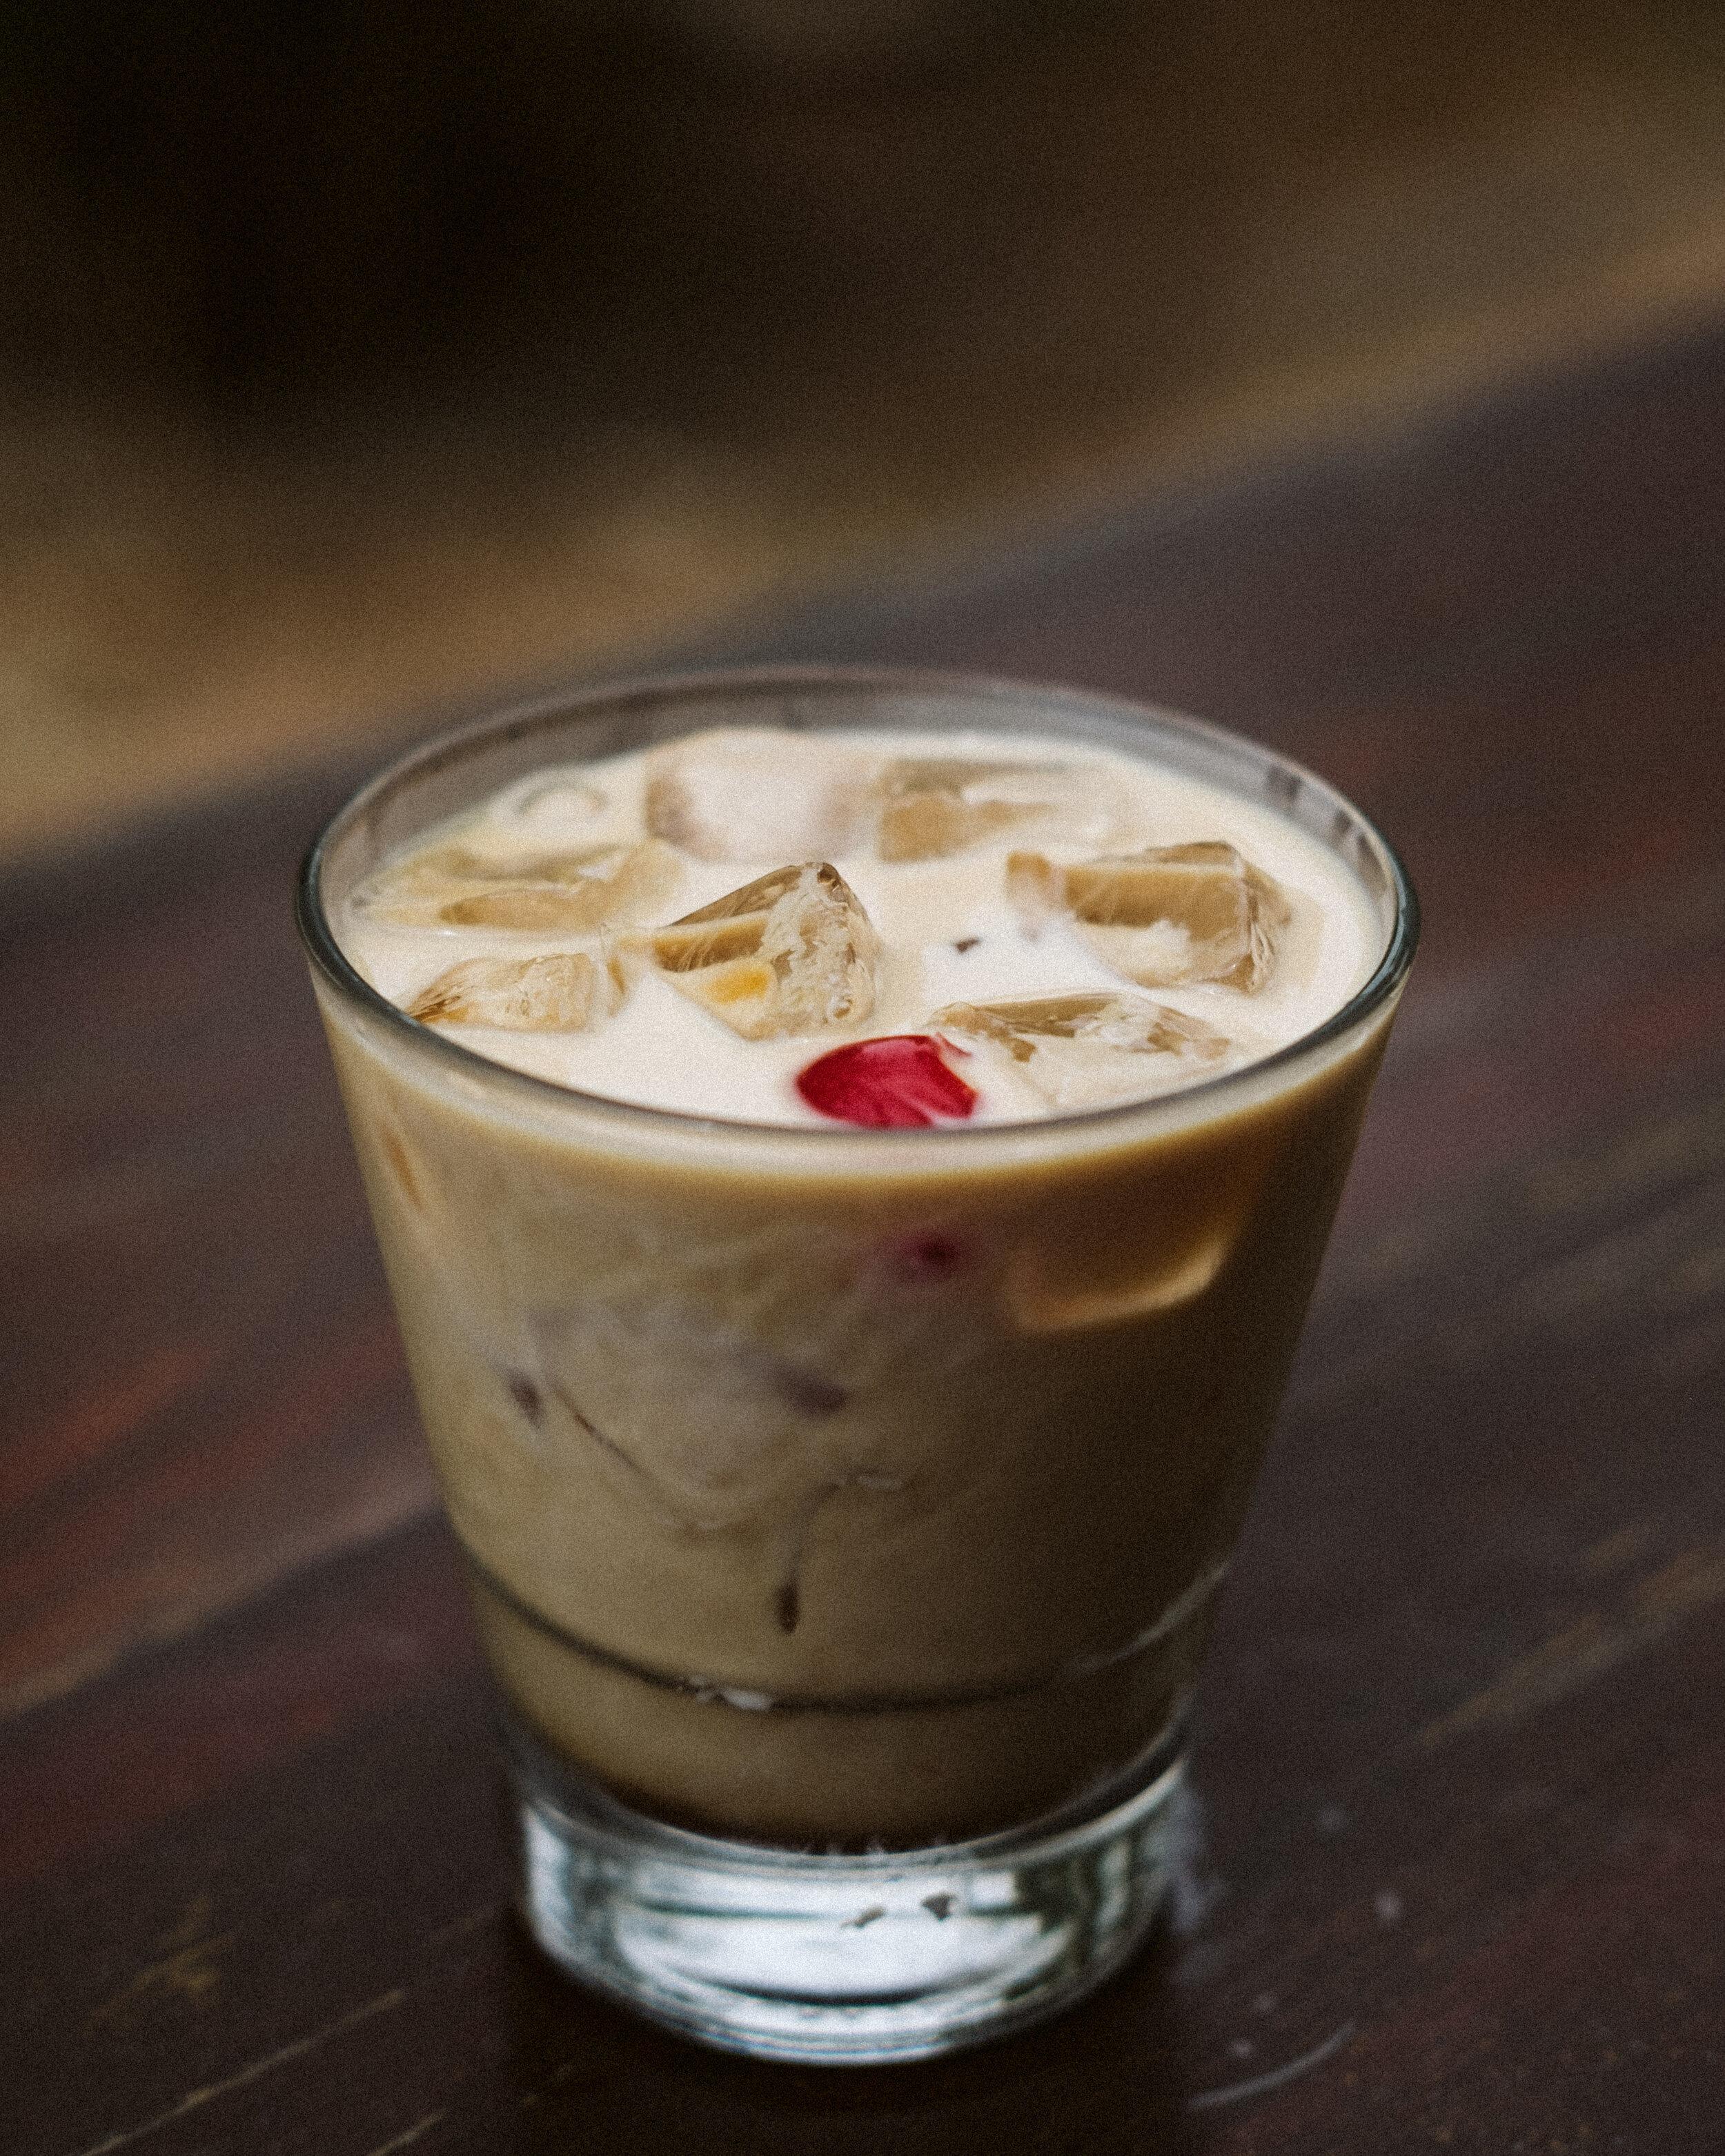 Rushin' Russian - Western Son Vodka / Kahlua / Cold Brew Coffee / Cream